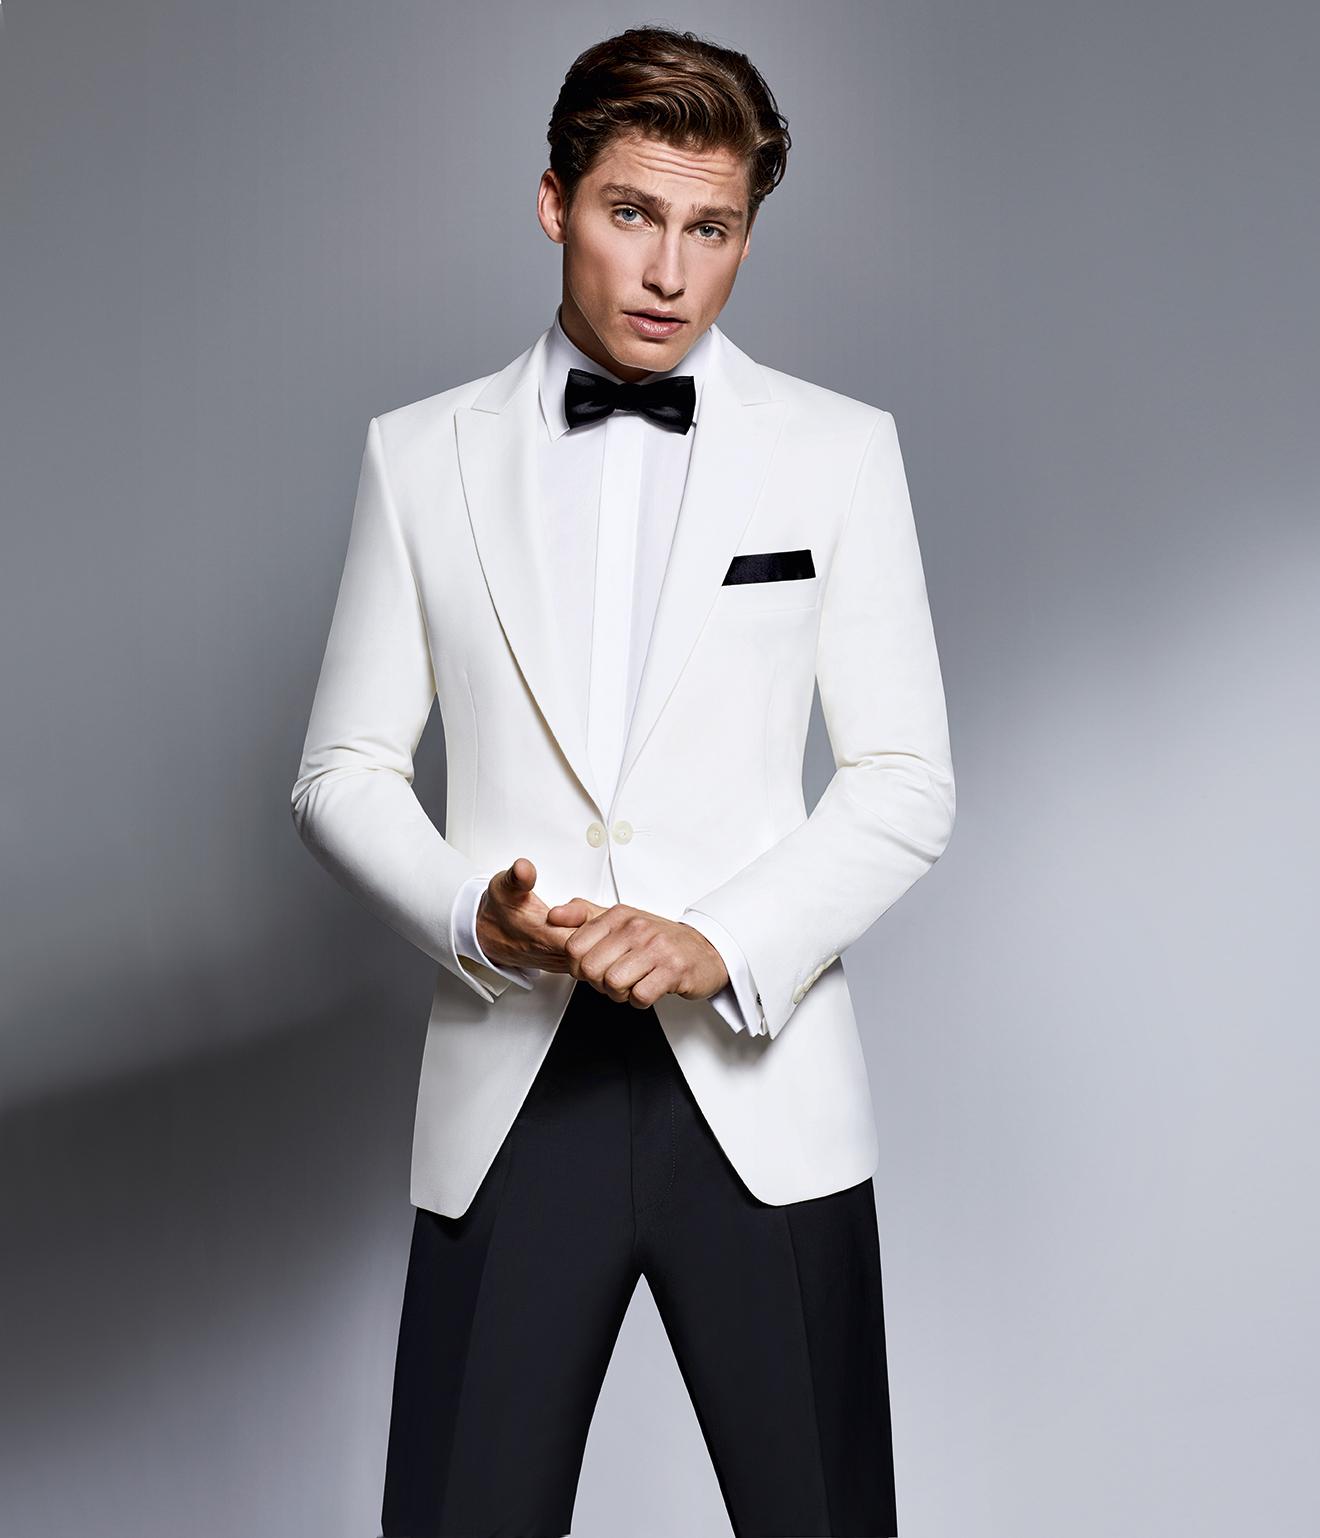 Wilvorst Hochzeitsanzug Männer Mode Anlass Bräutigam klassisch weisses Dinnersakko mit weissem Hemd und schwarzer Fliege Einkopf tailliert